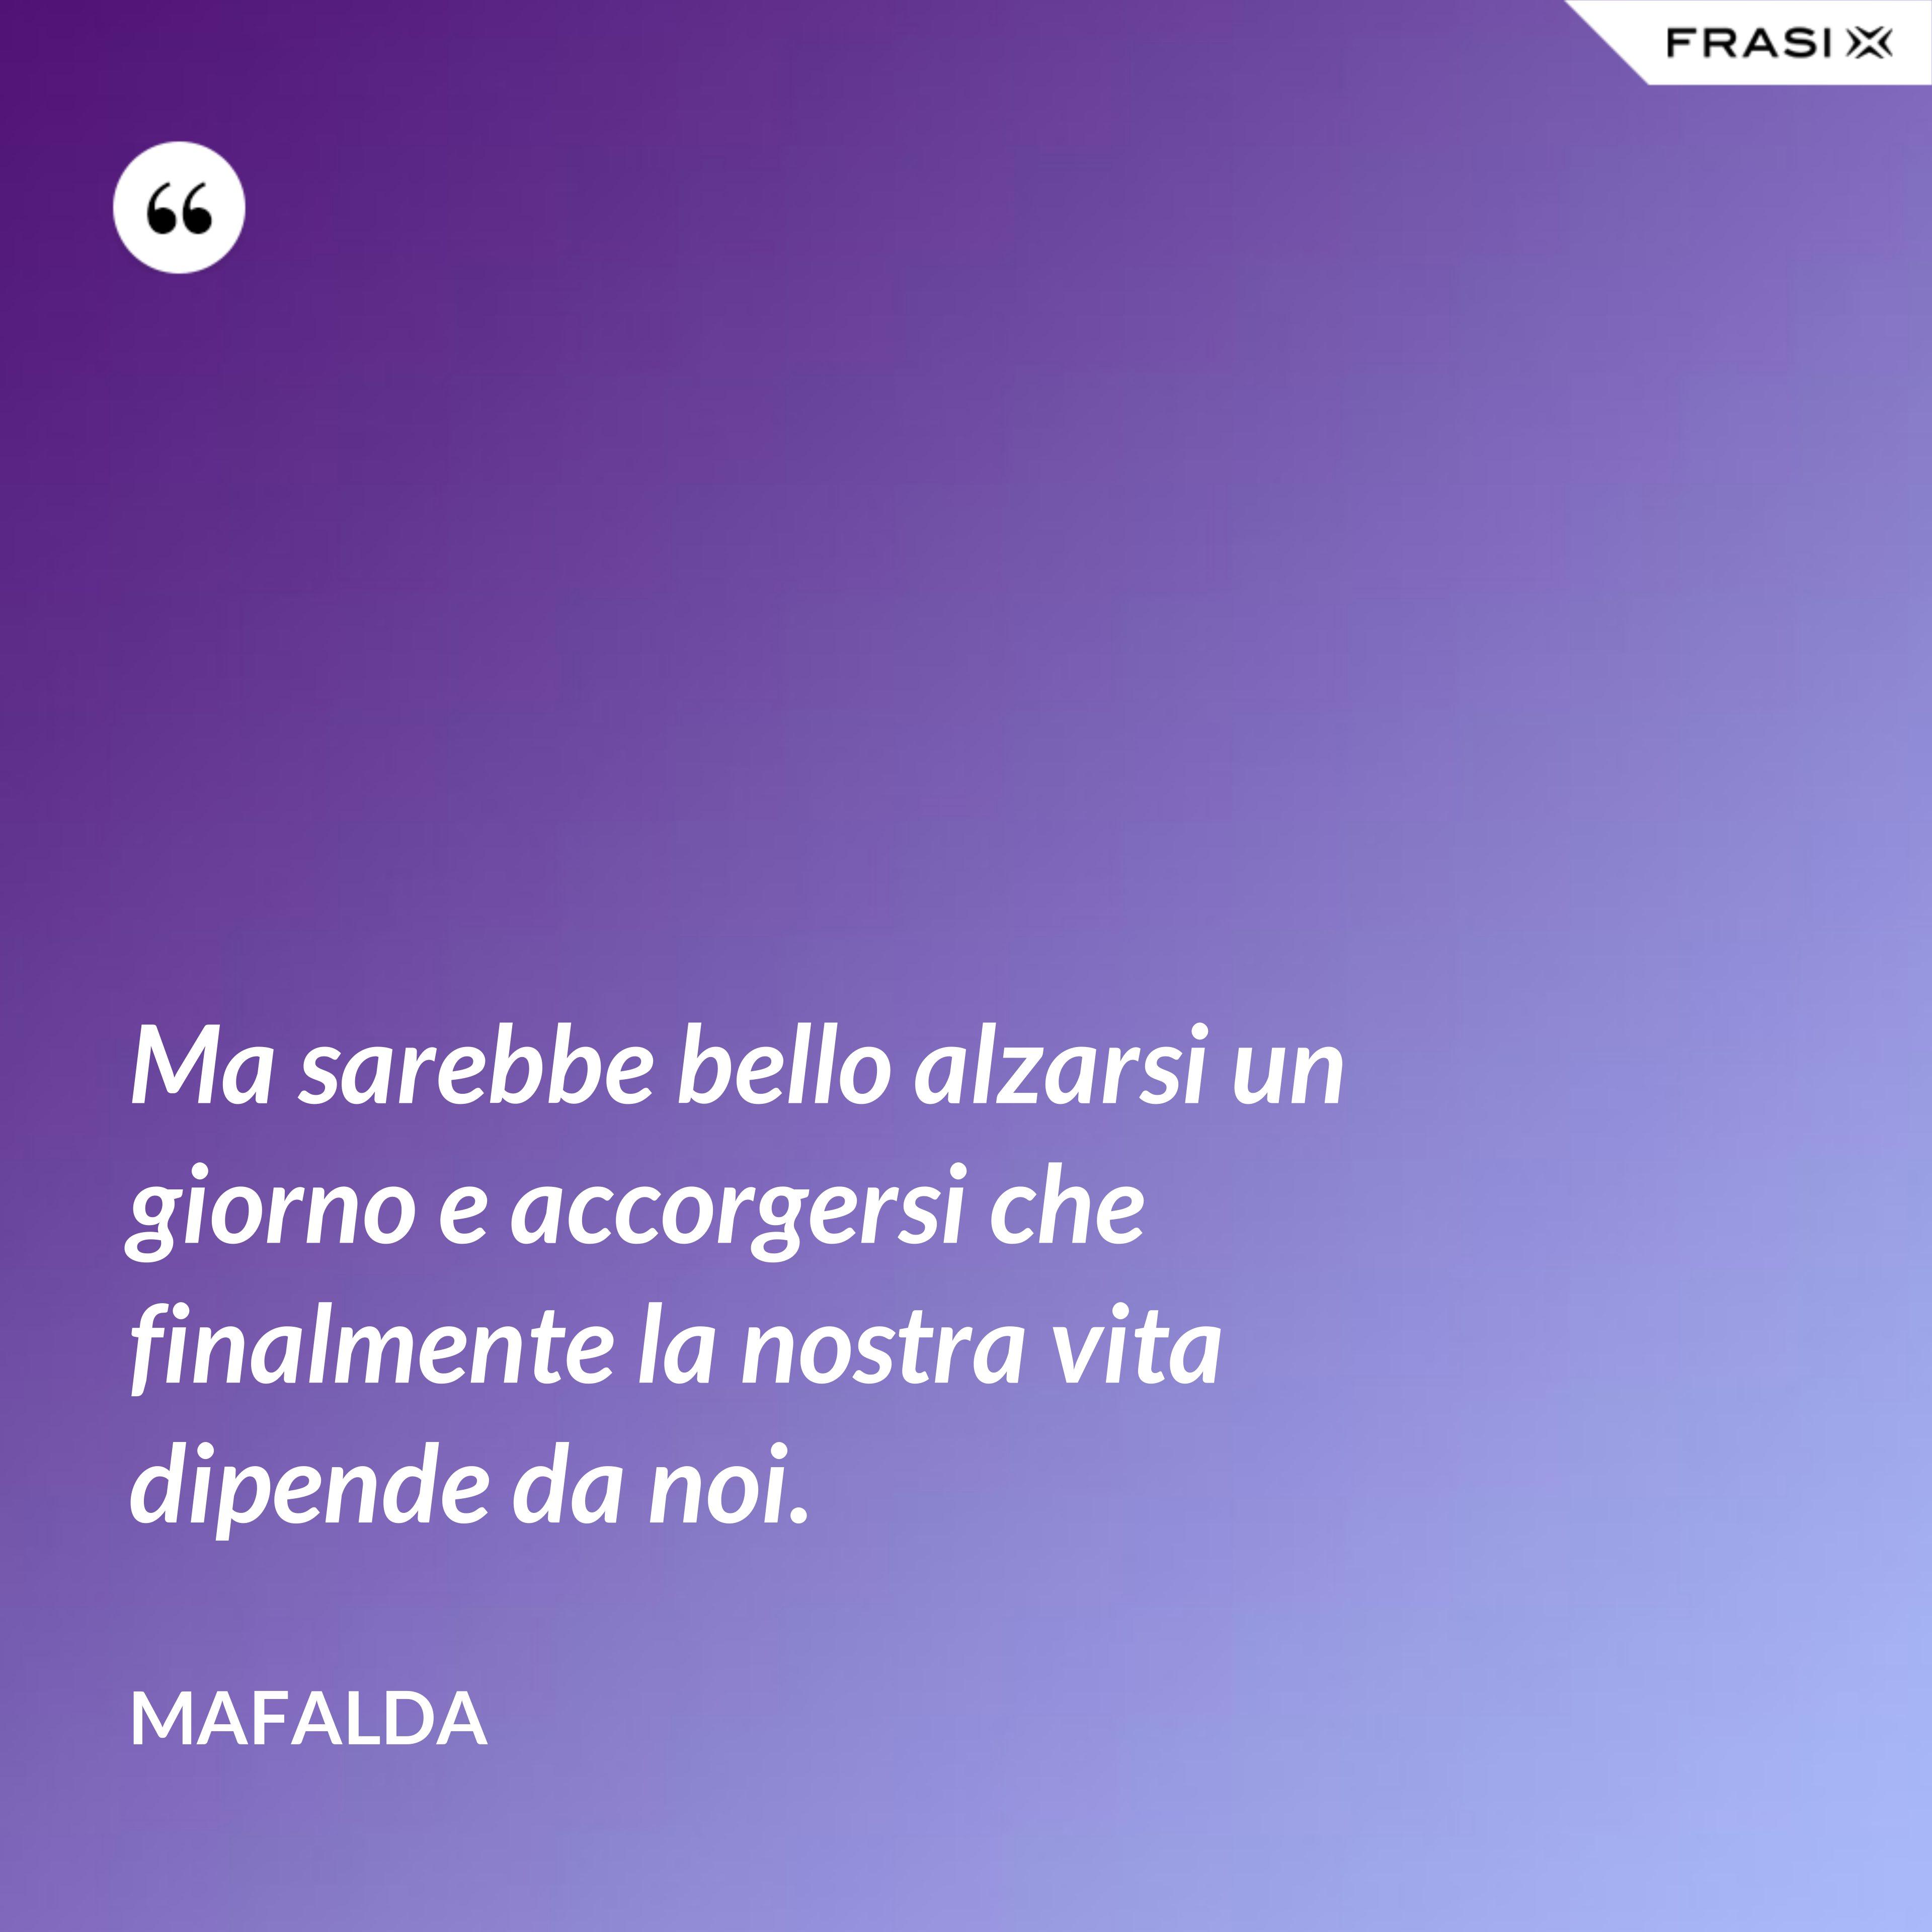 Ma sarebbe bello alzarsi un giorno e accorgersi che finalmente la nostra vita dipende da noi. - Mafalda